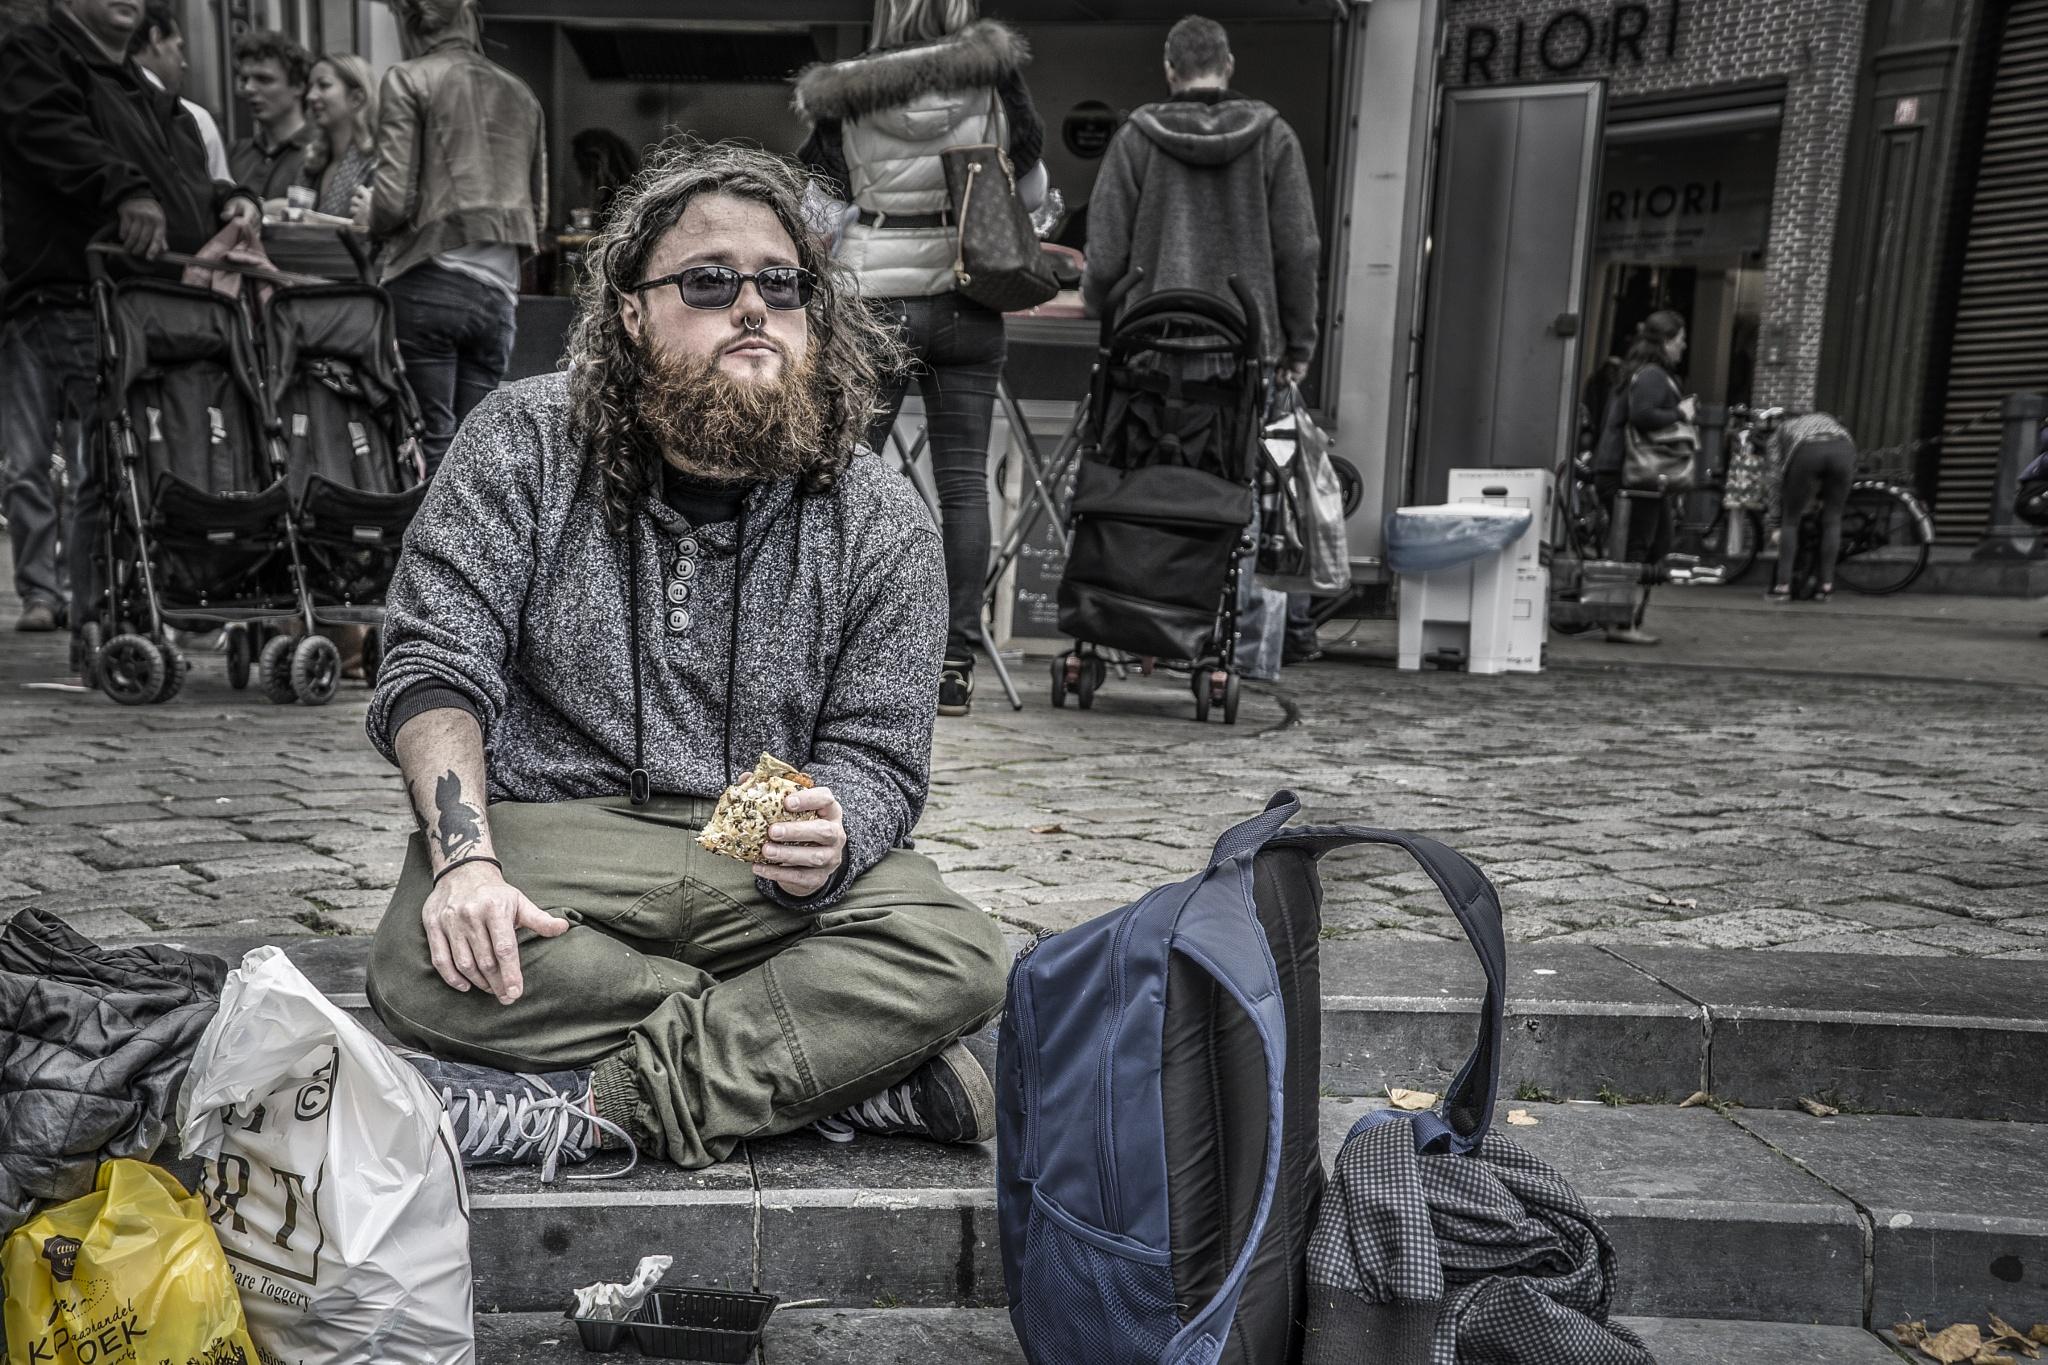 Eating on the street by Joop Nijhof